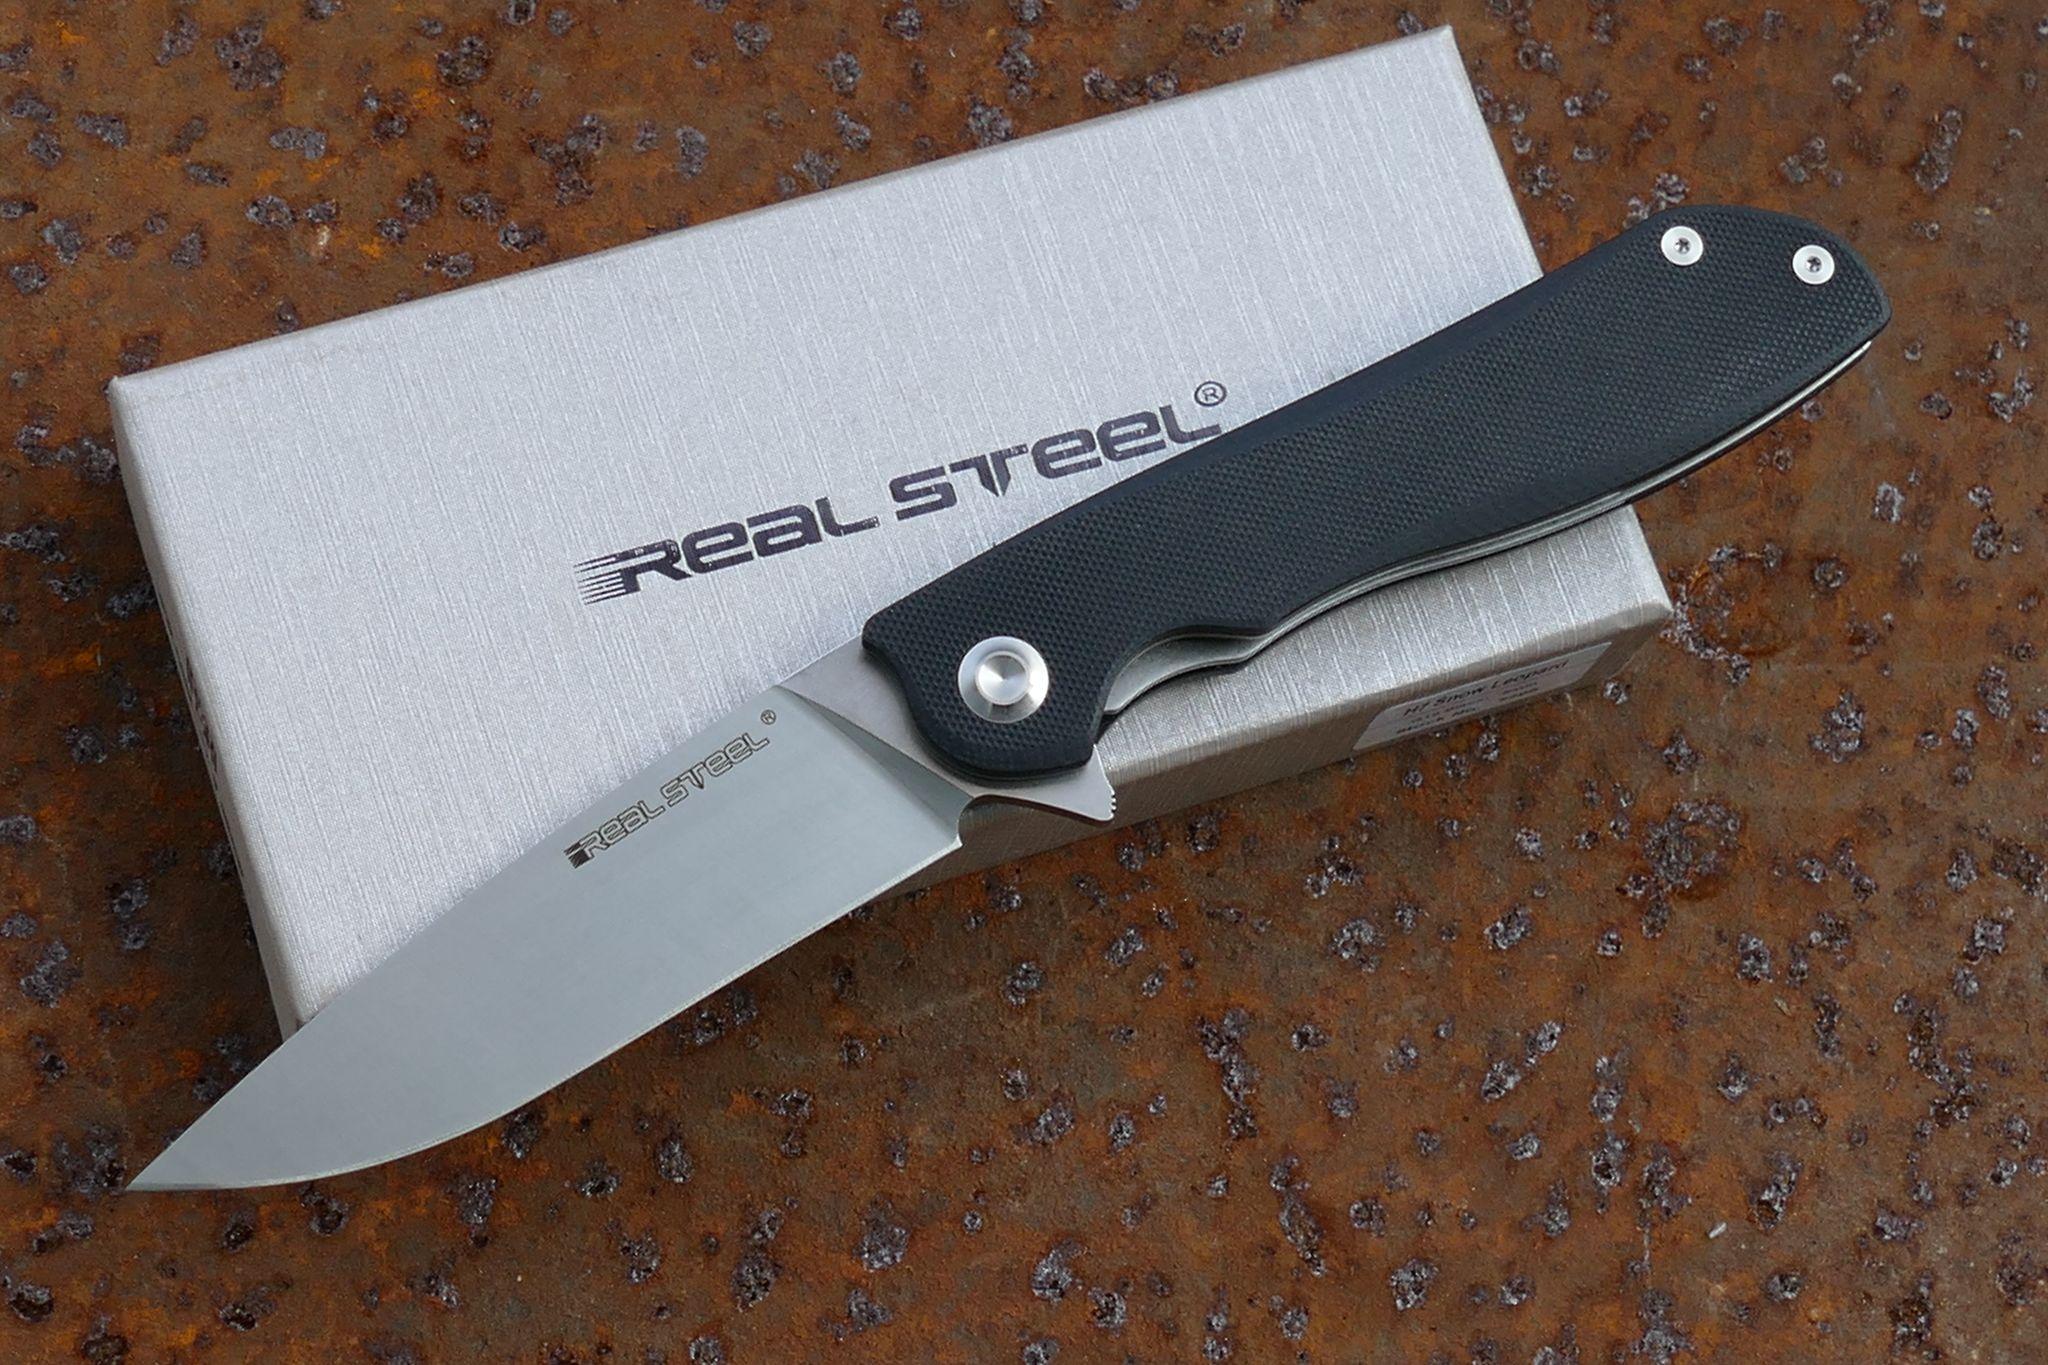 Складной нож МегалодонРаскладные ножи<br>Материал лезвия: Sandvik 14C28NТвердость: 59-60 HRСОбщая длина: 222 ммДлина клинка: 100 ммТолщина клинка: 3.5 ммширина клинка наибольшая:27ммМатериал ручки: G10Вес:131 гр<br>